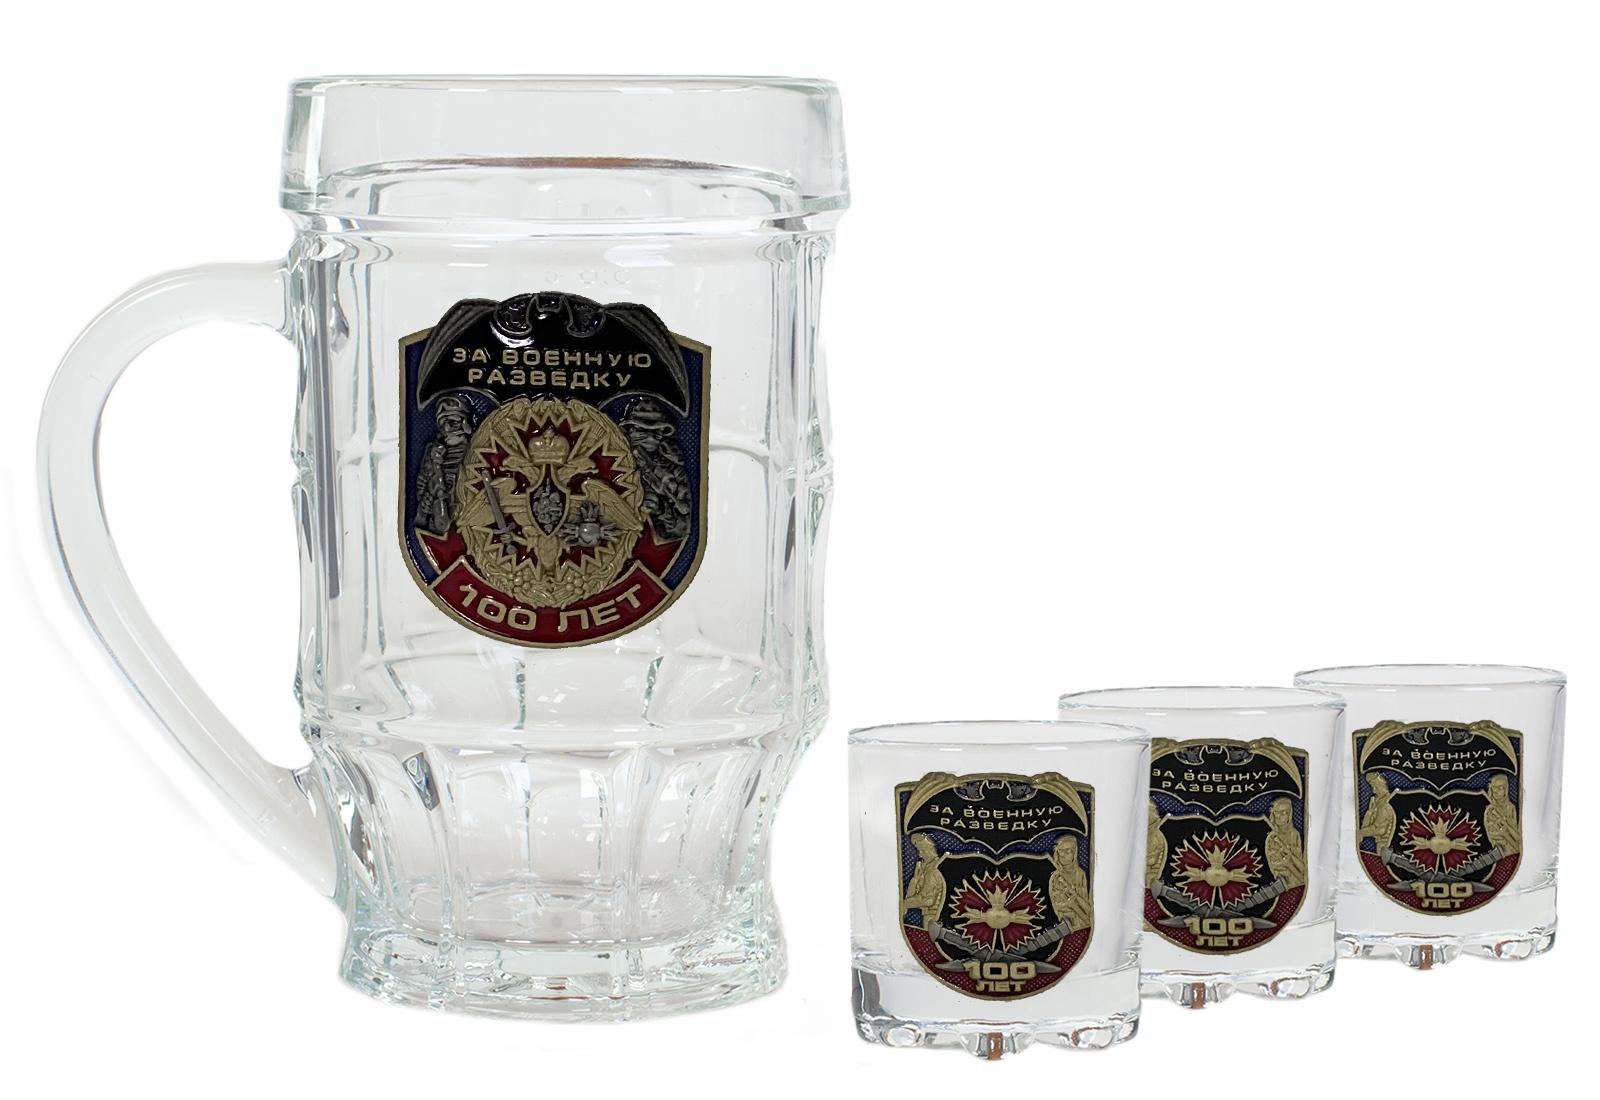 Купить набор стеклянный для алкоголя За Военную разведку